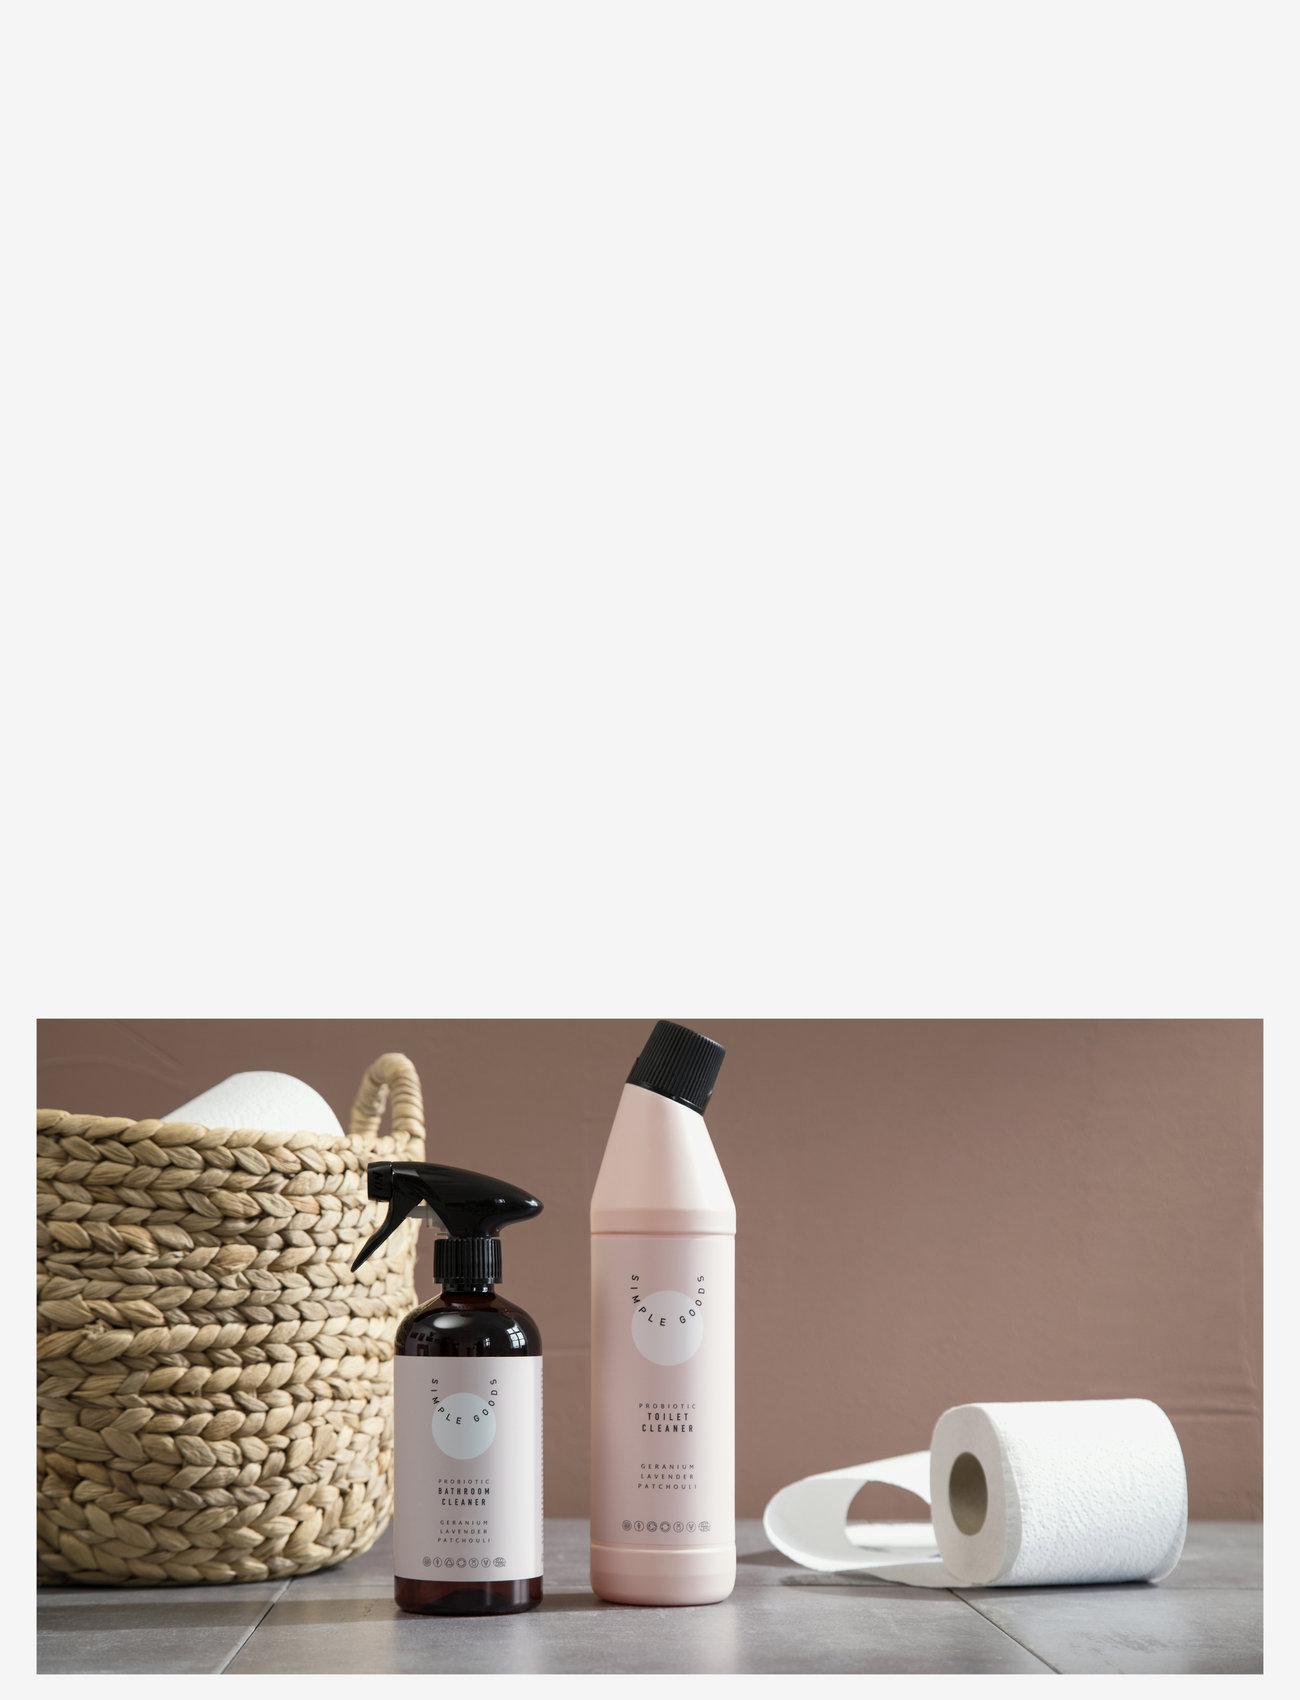 Simple Goods - Bathroom Cleaner, Geranium, Lavender, Patchouli - Övrigt diskning & städning - clear - 1